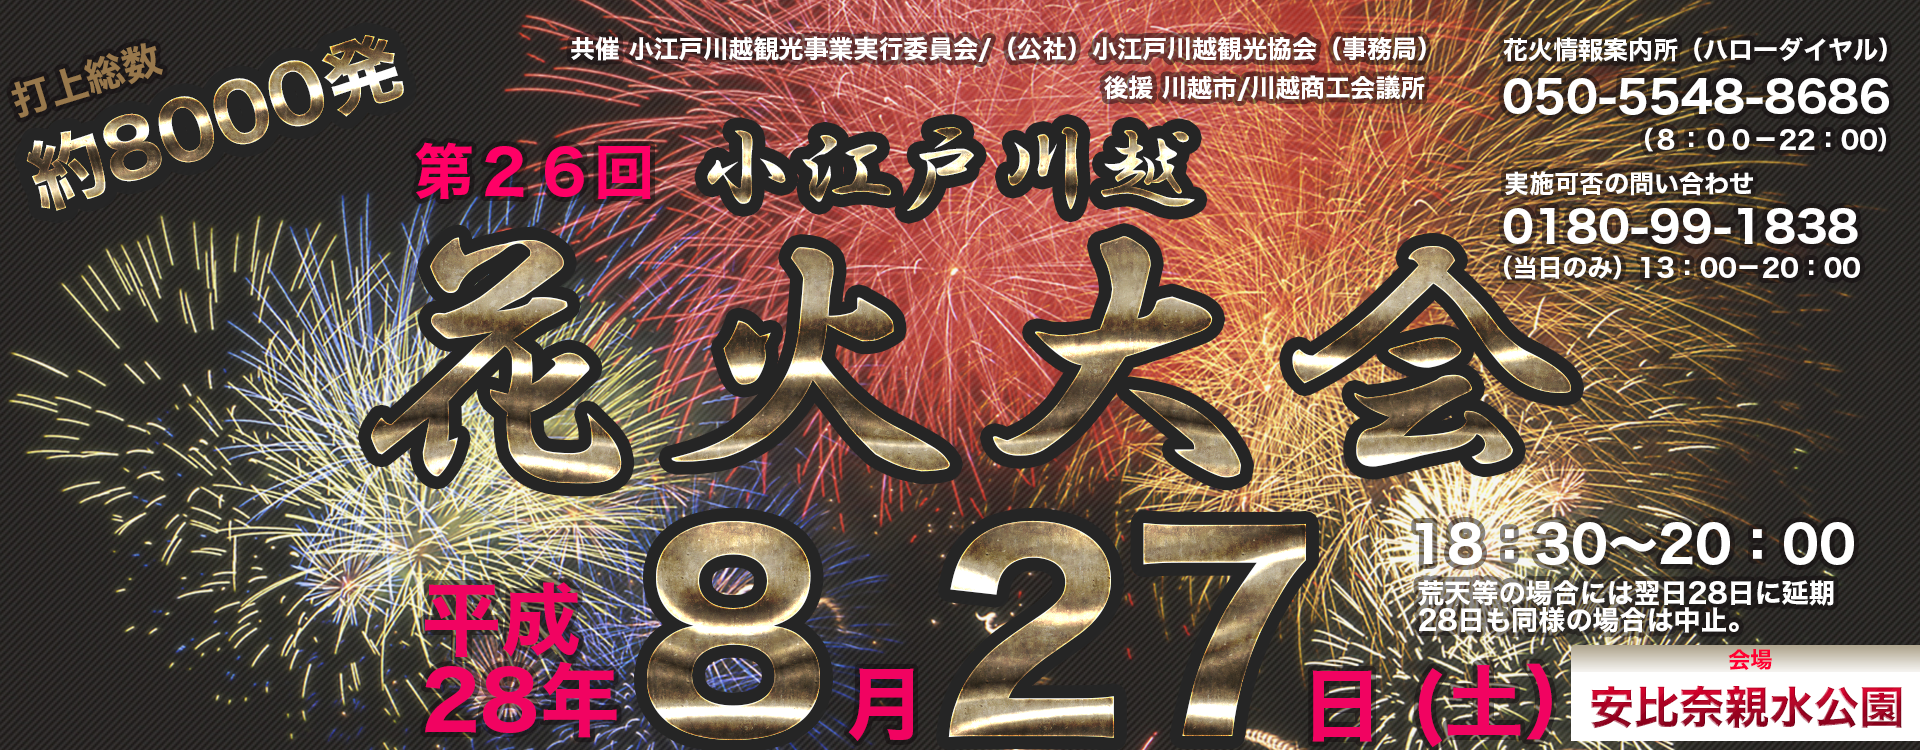 2016年 小江戸川越花火大会